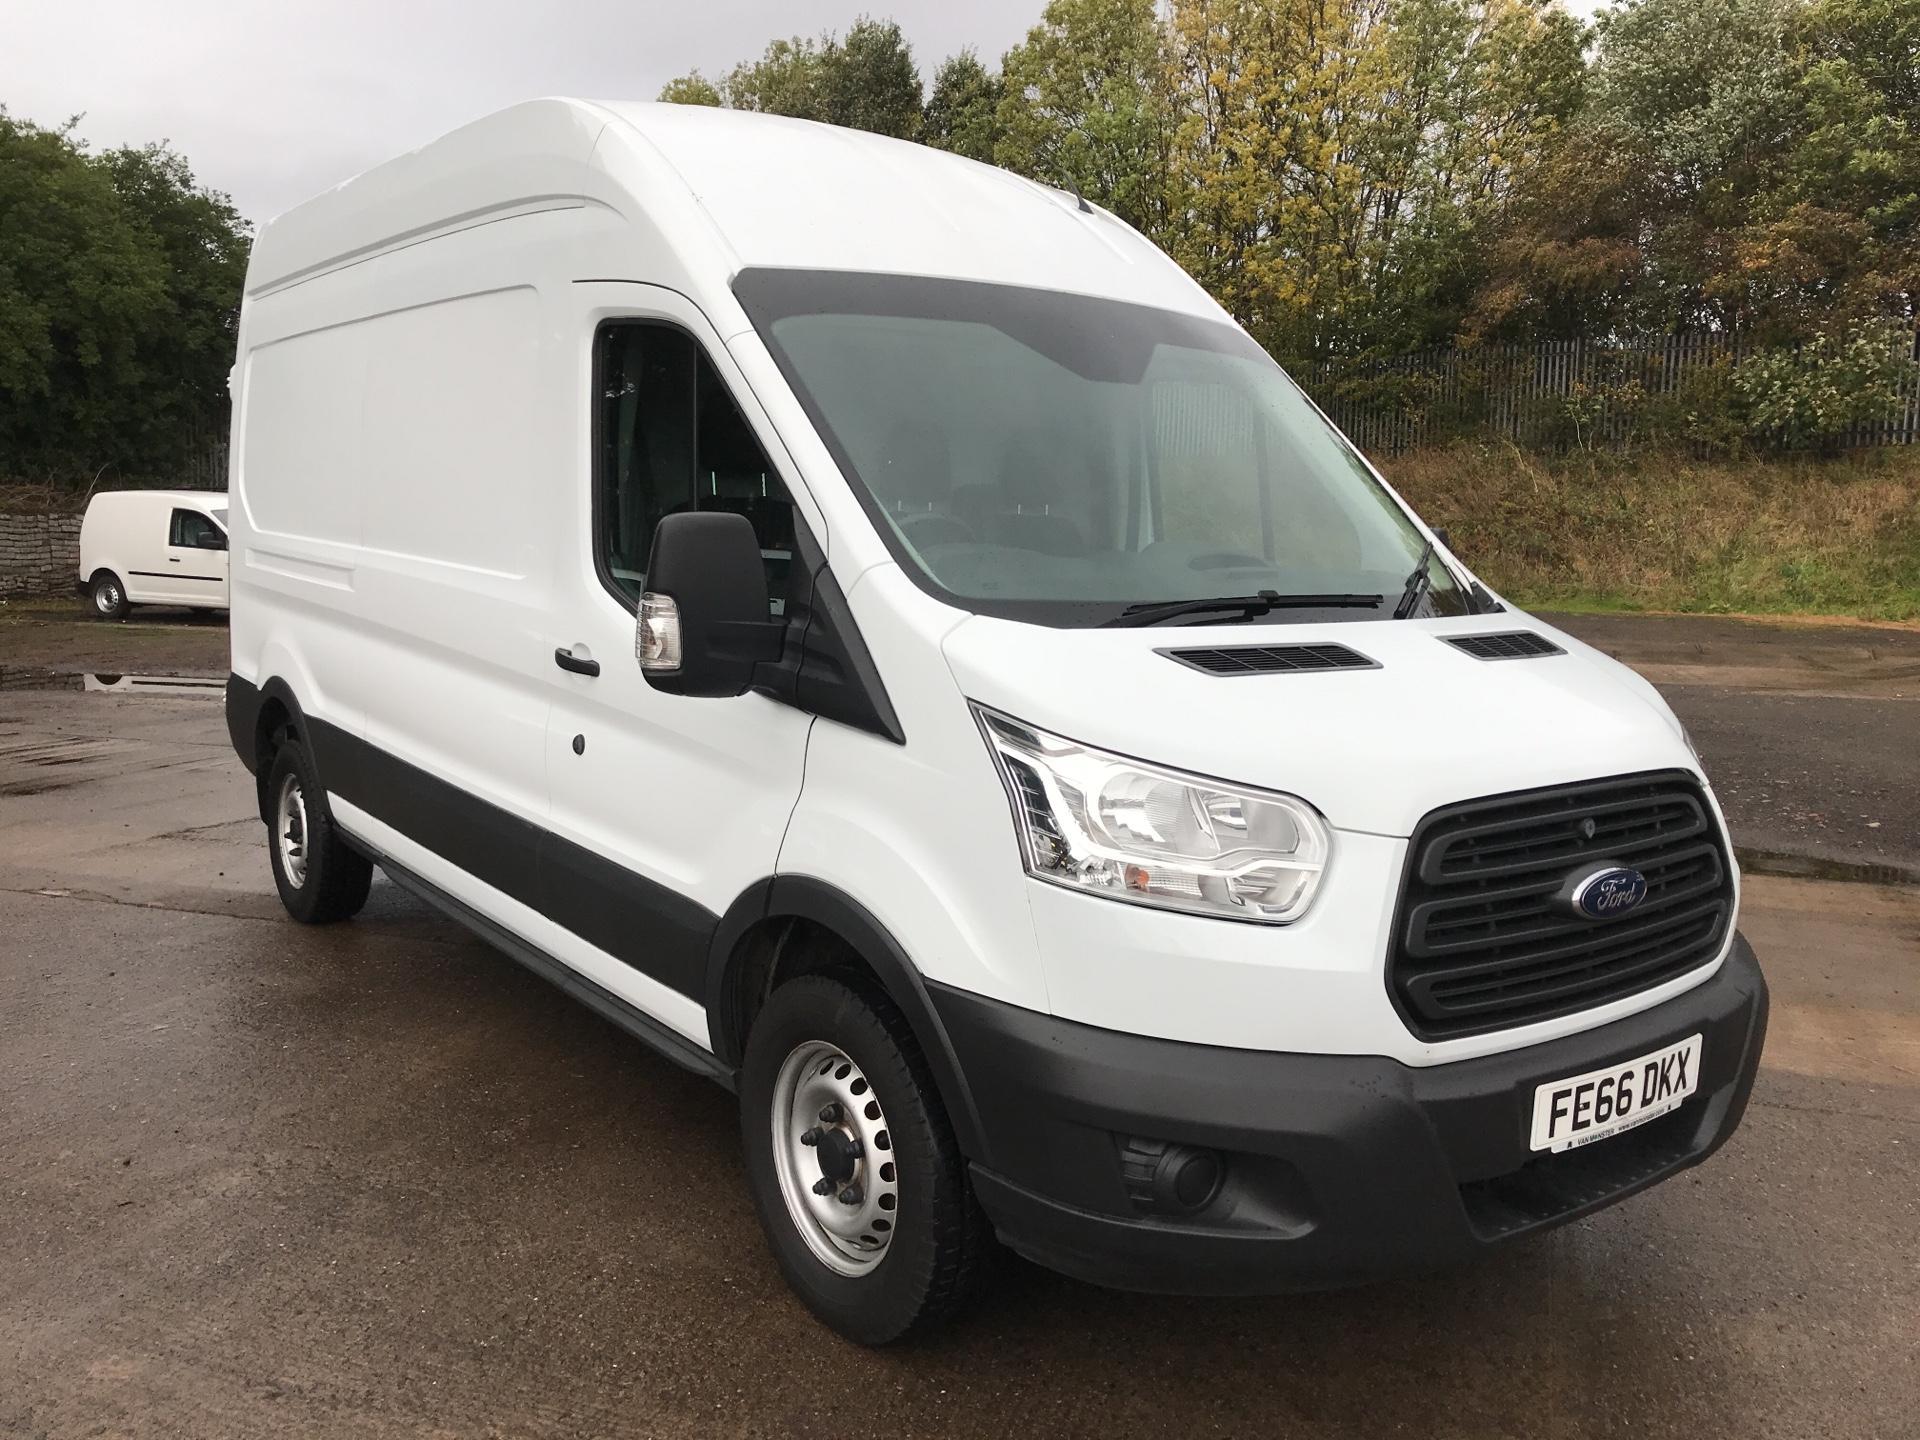 2016 Ford Transit 350 L3 H3 VAN 125PS EURO 5 (FE66DKX)